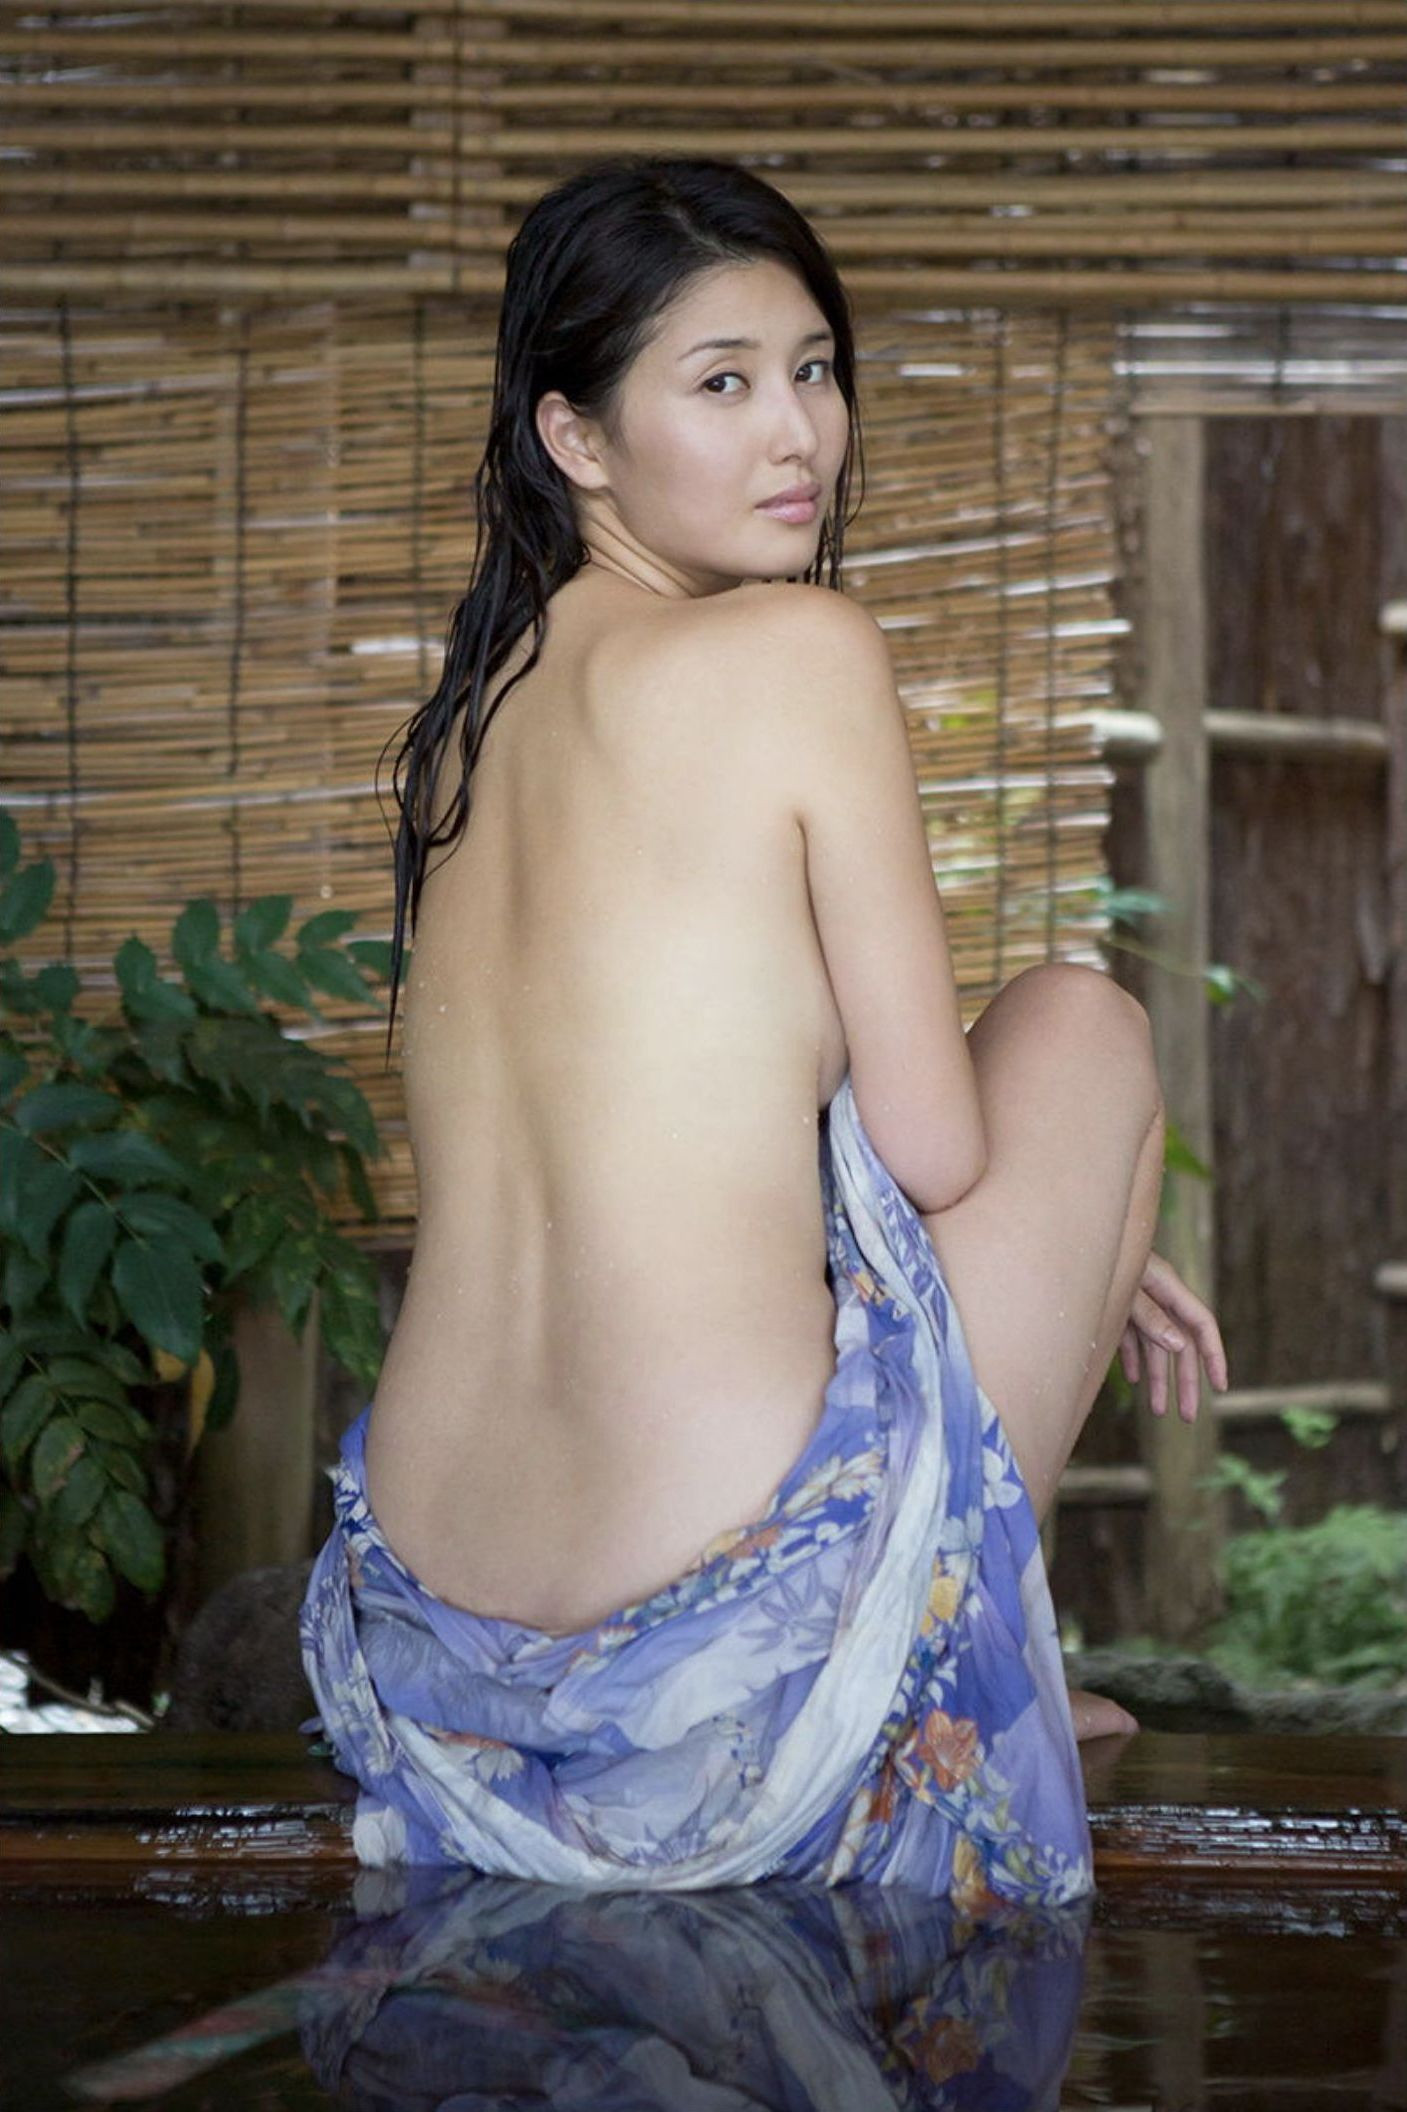 『愛の記憶』橋本マナミ デジタル写真集 035